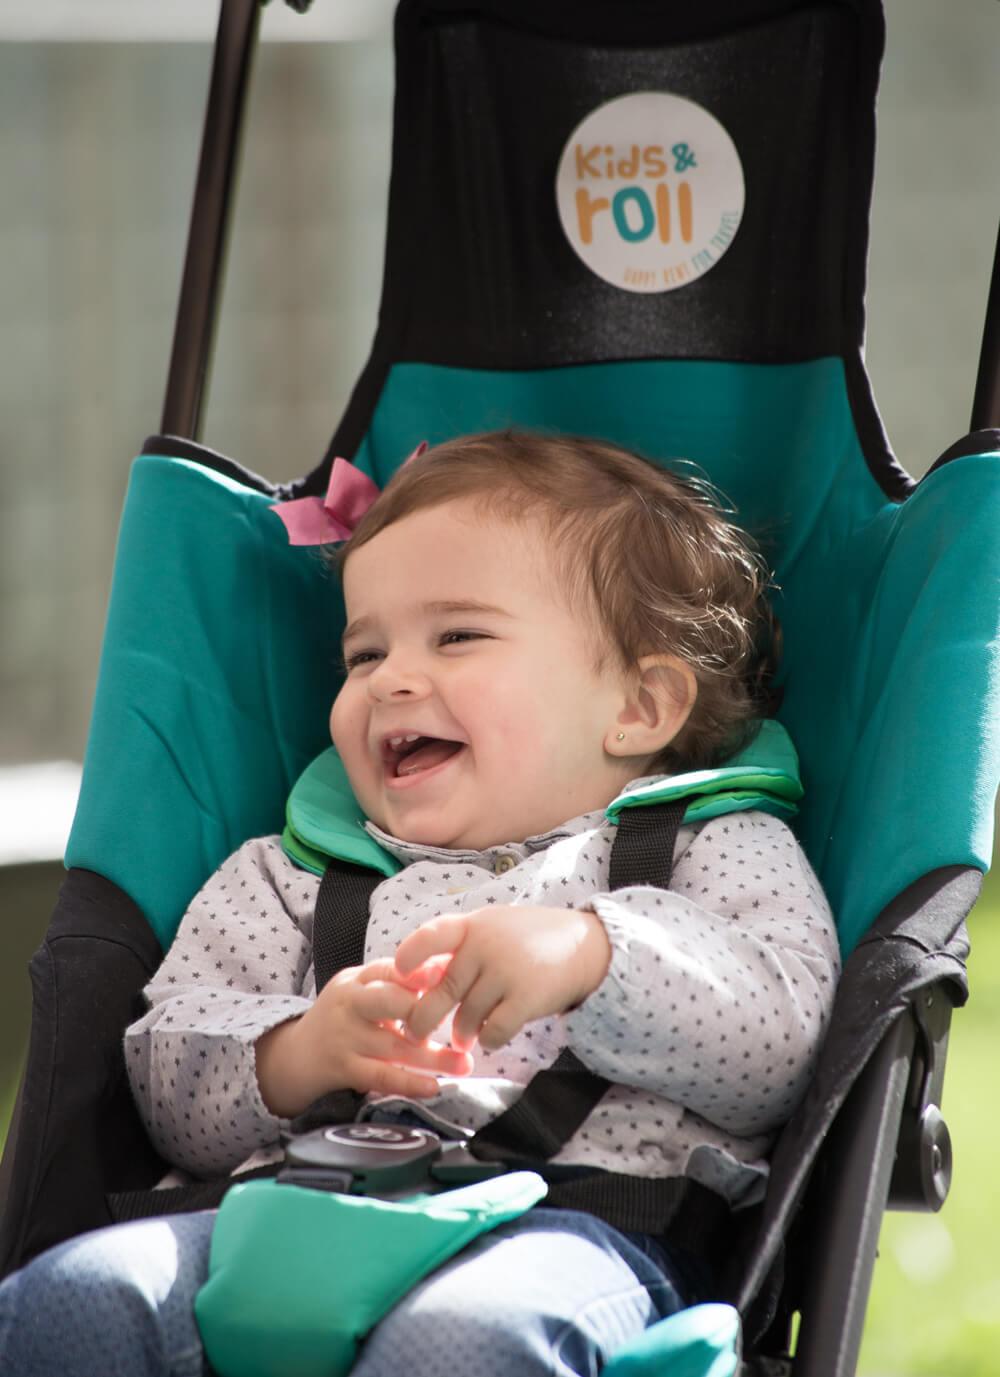 Alquila tu silla de paseo con kids and roll mamis y beb s - Alquiler coche con silla bebe ...